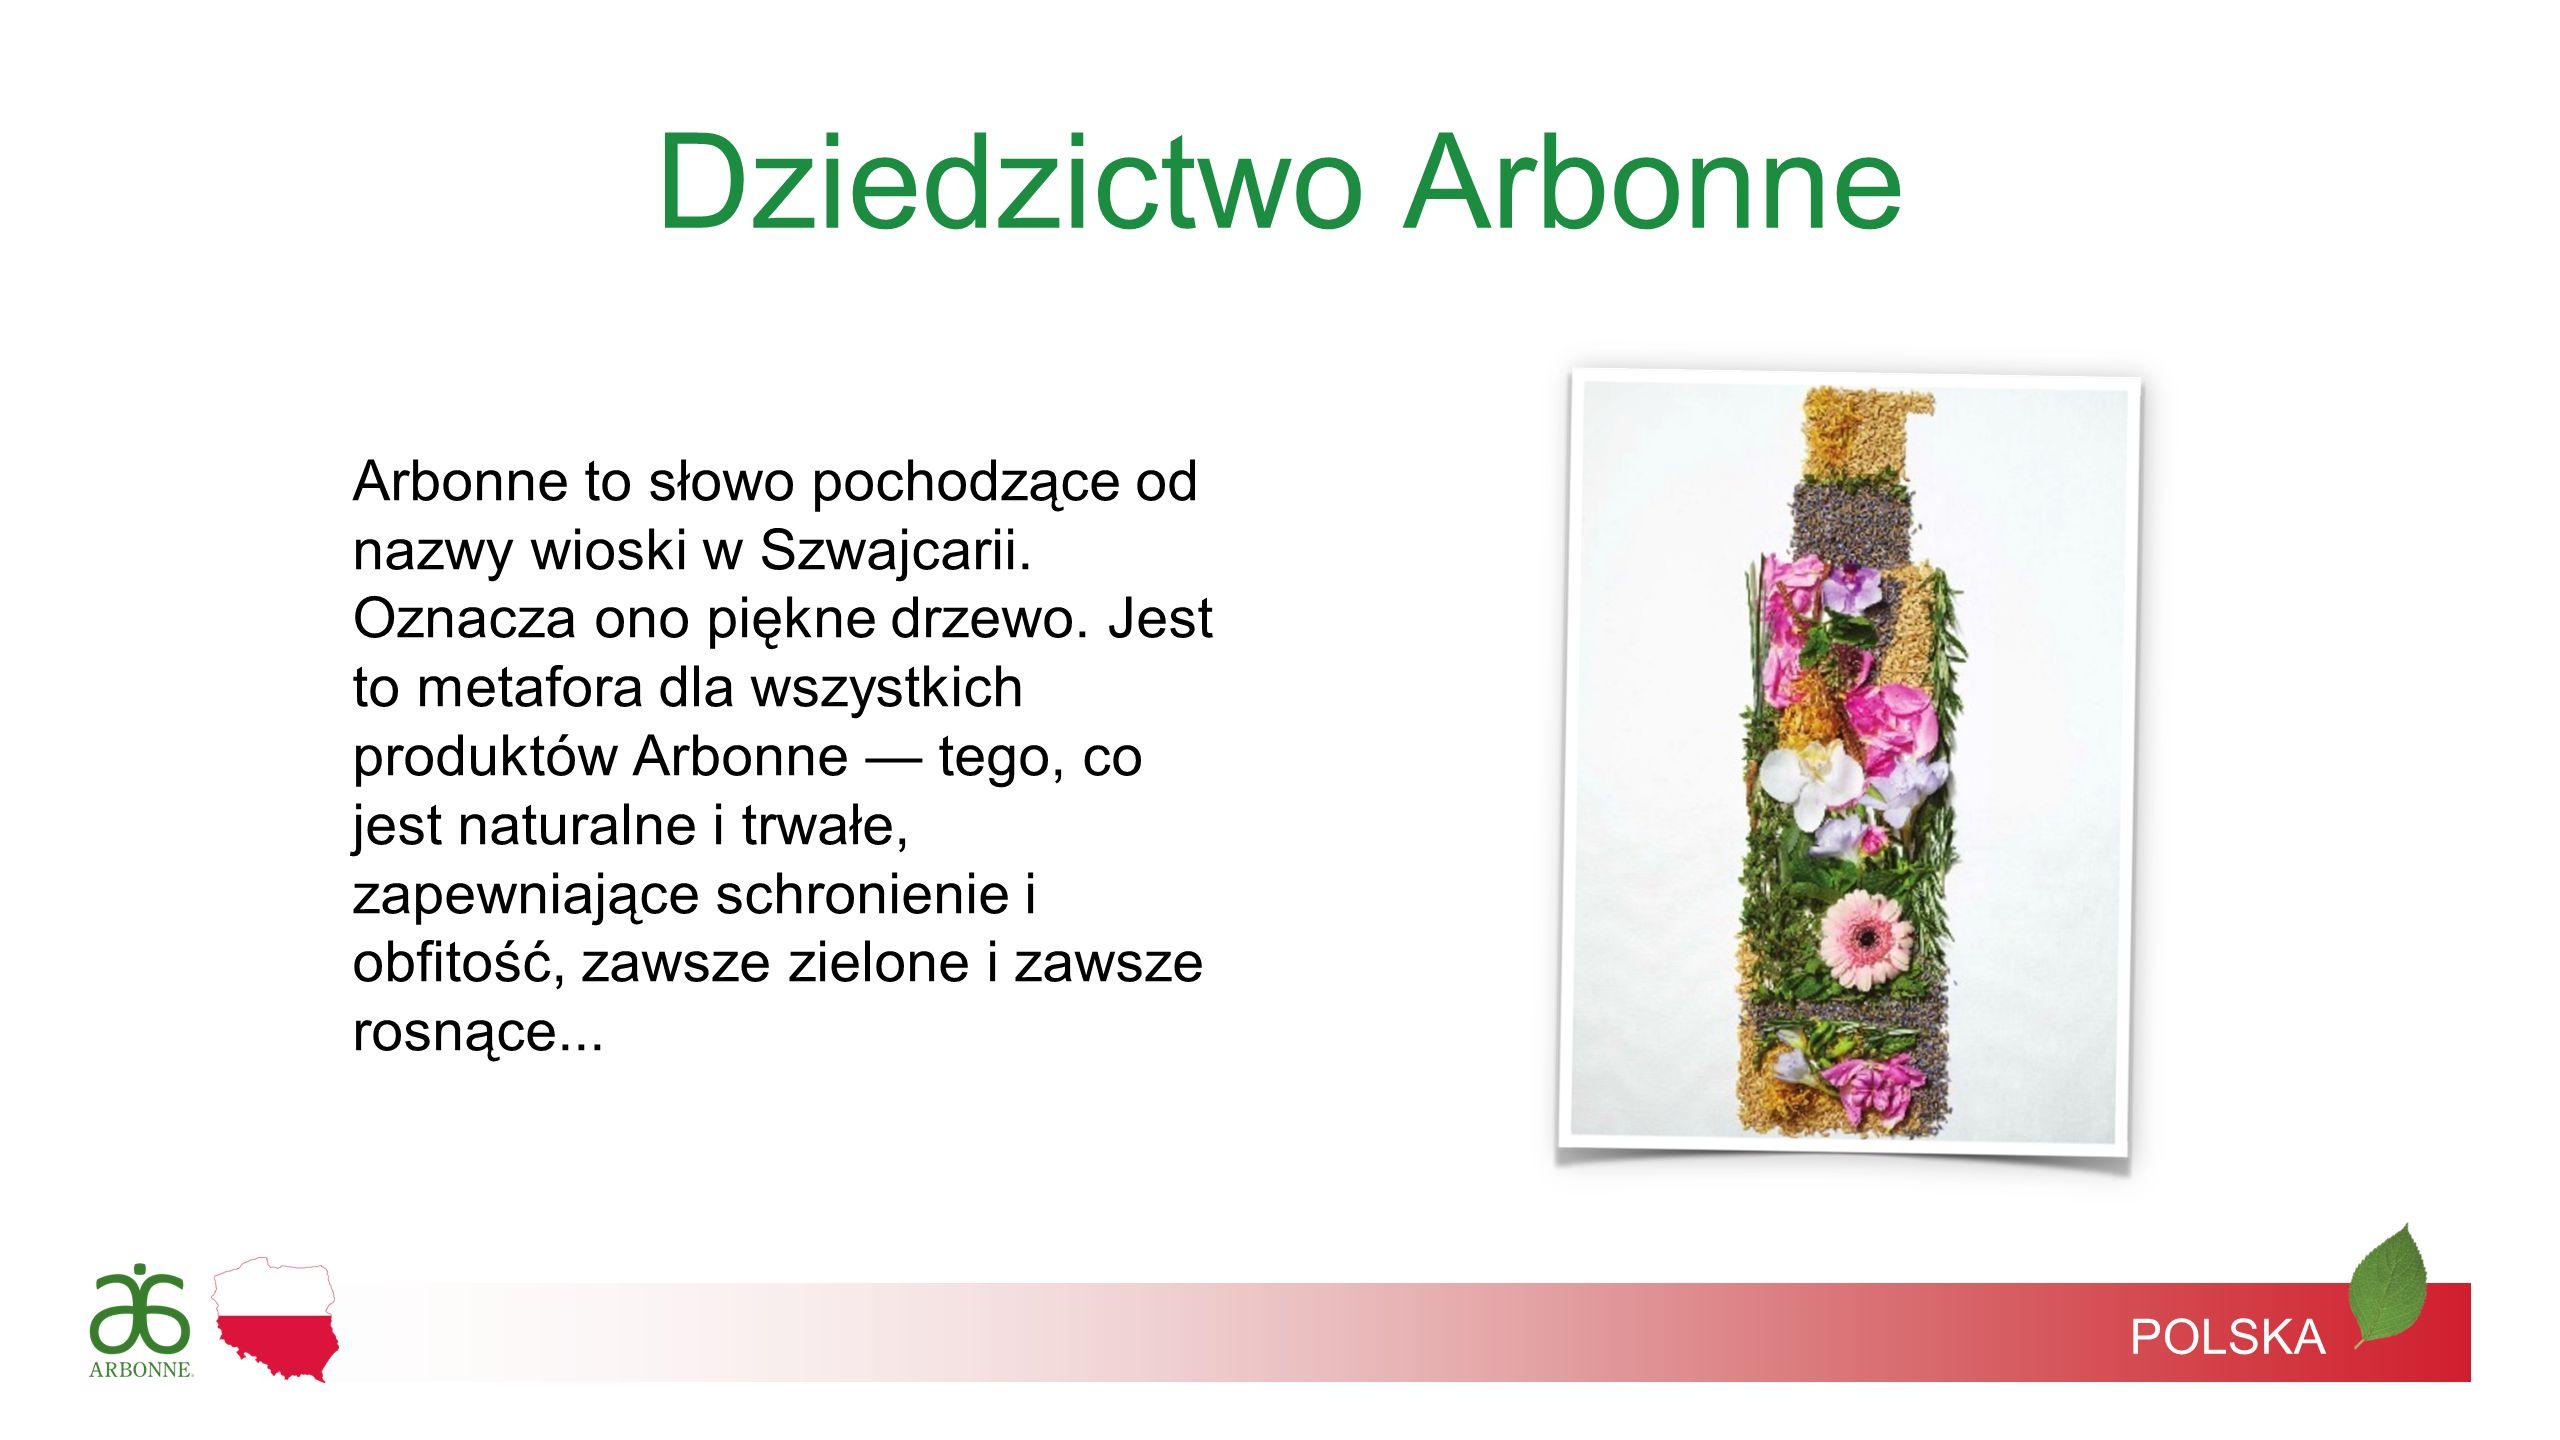 Zestaw o wartości 2,279 PLN Cena Niezależnego Konsultanta 1,139.50 PLN 50% zniżki 380 QV SuccessPack POLSKA ZESTAW PRZECIWZMARSZCZKOWY